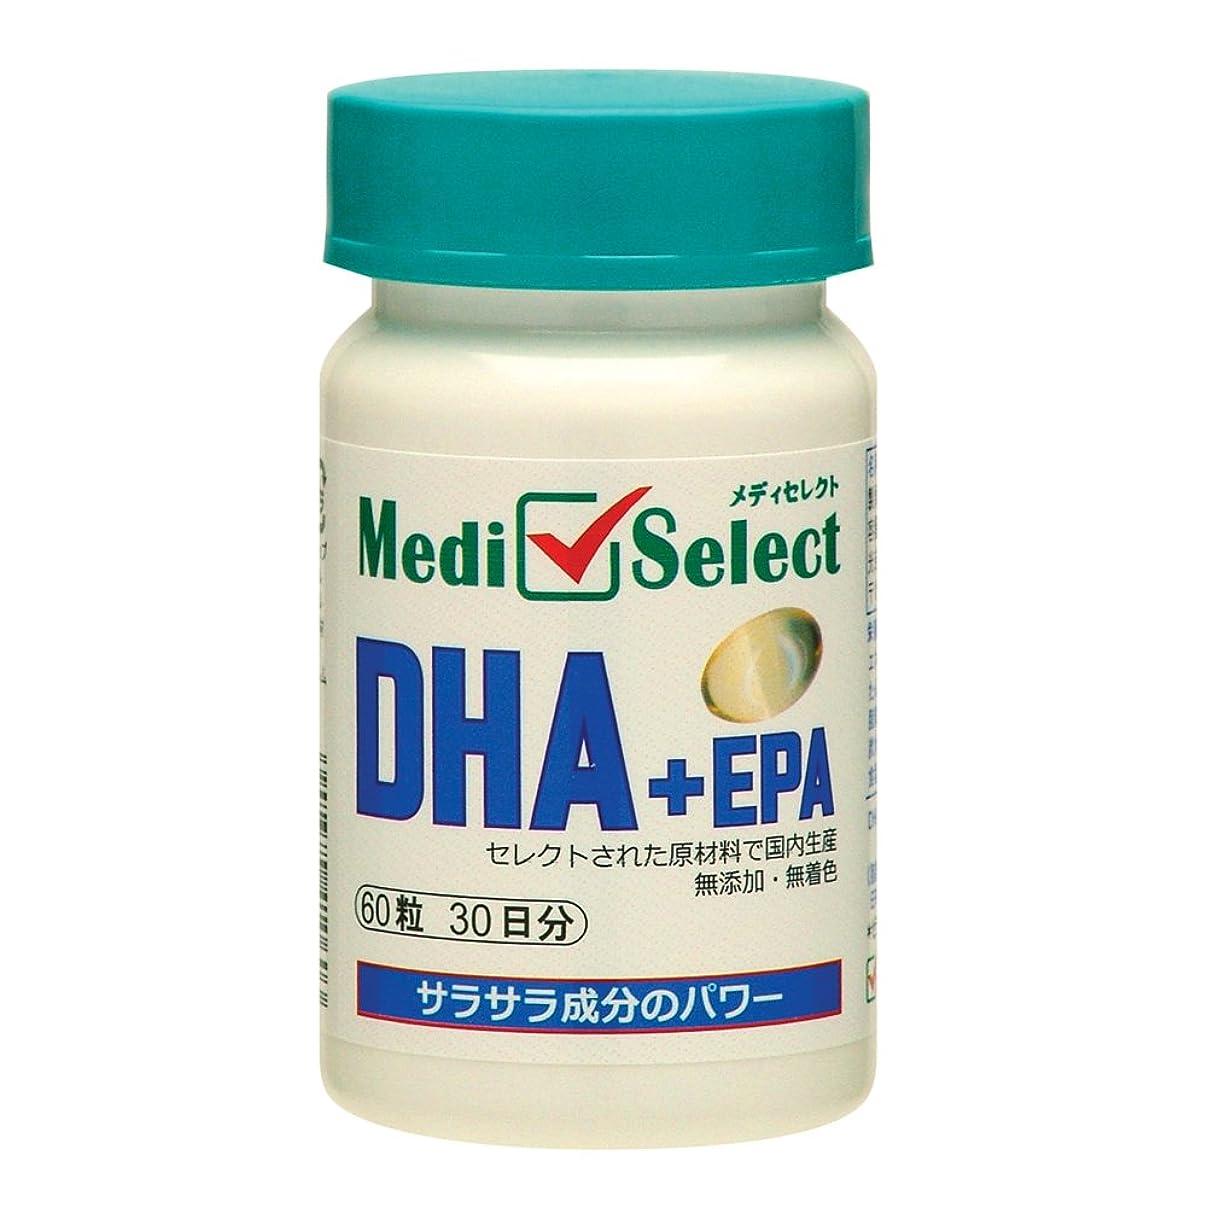 モート素敵な利益メディセレクト DHA+EPA 60粒(30日分)